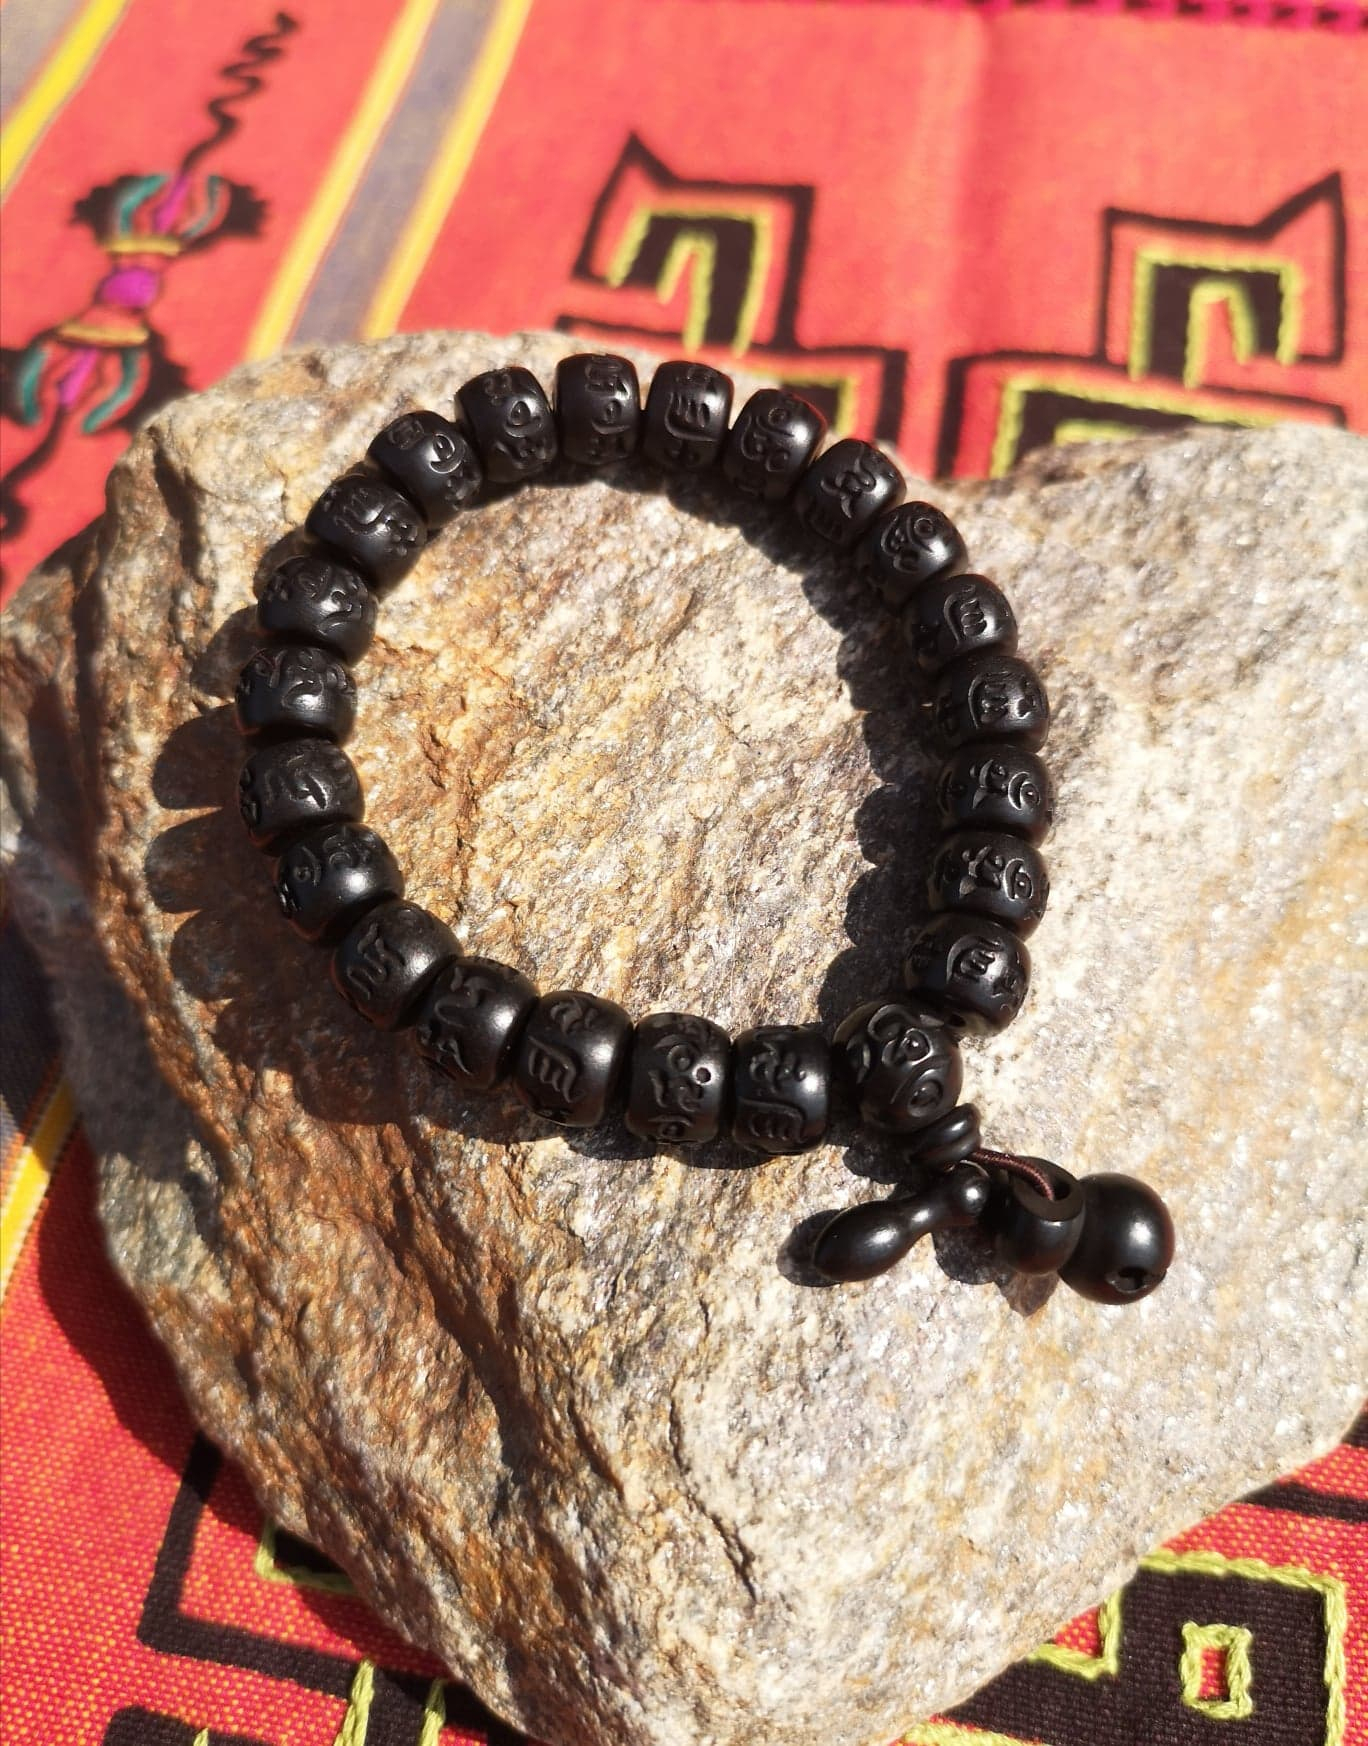 Bracelet Bois Mantra Tibétain - Inspiration De Vie pour Bracelet Chemin De Vie Avis